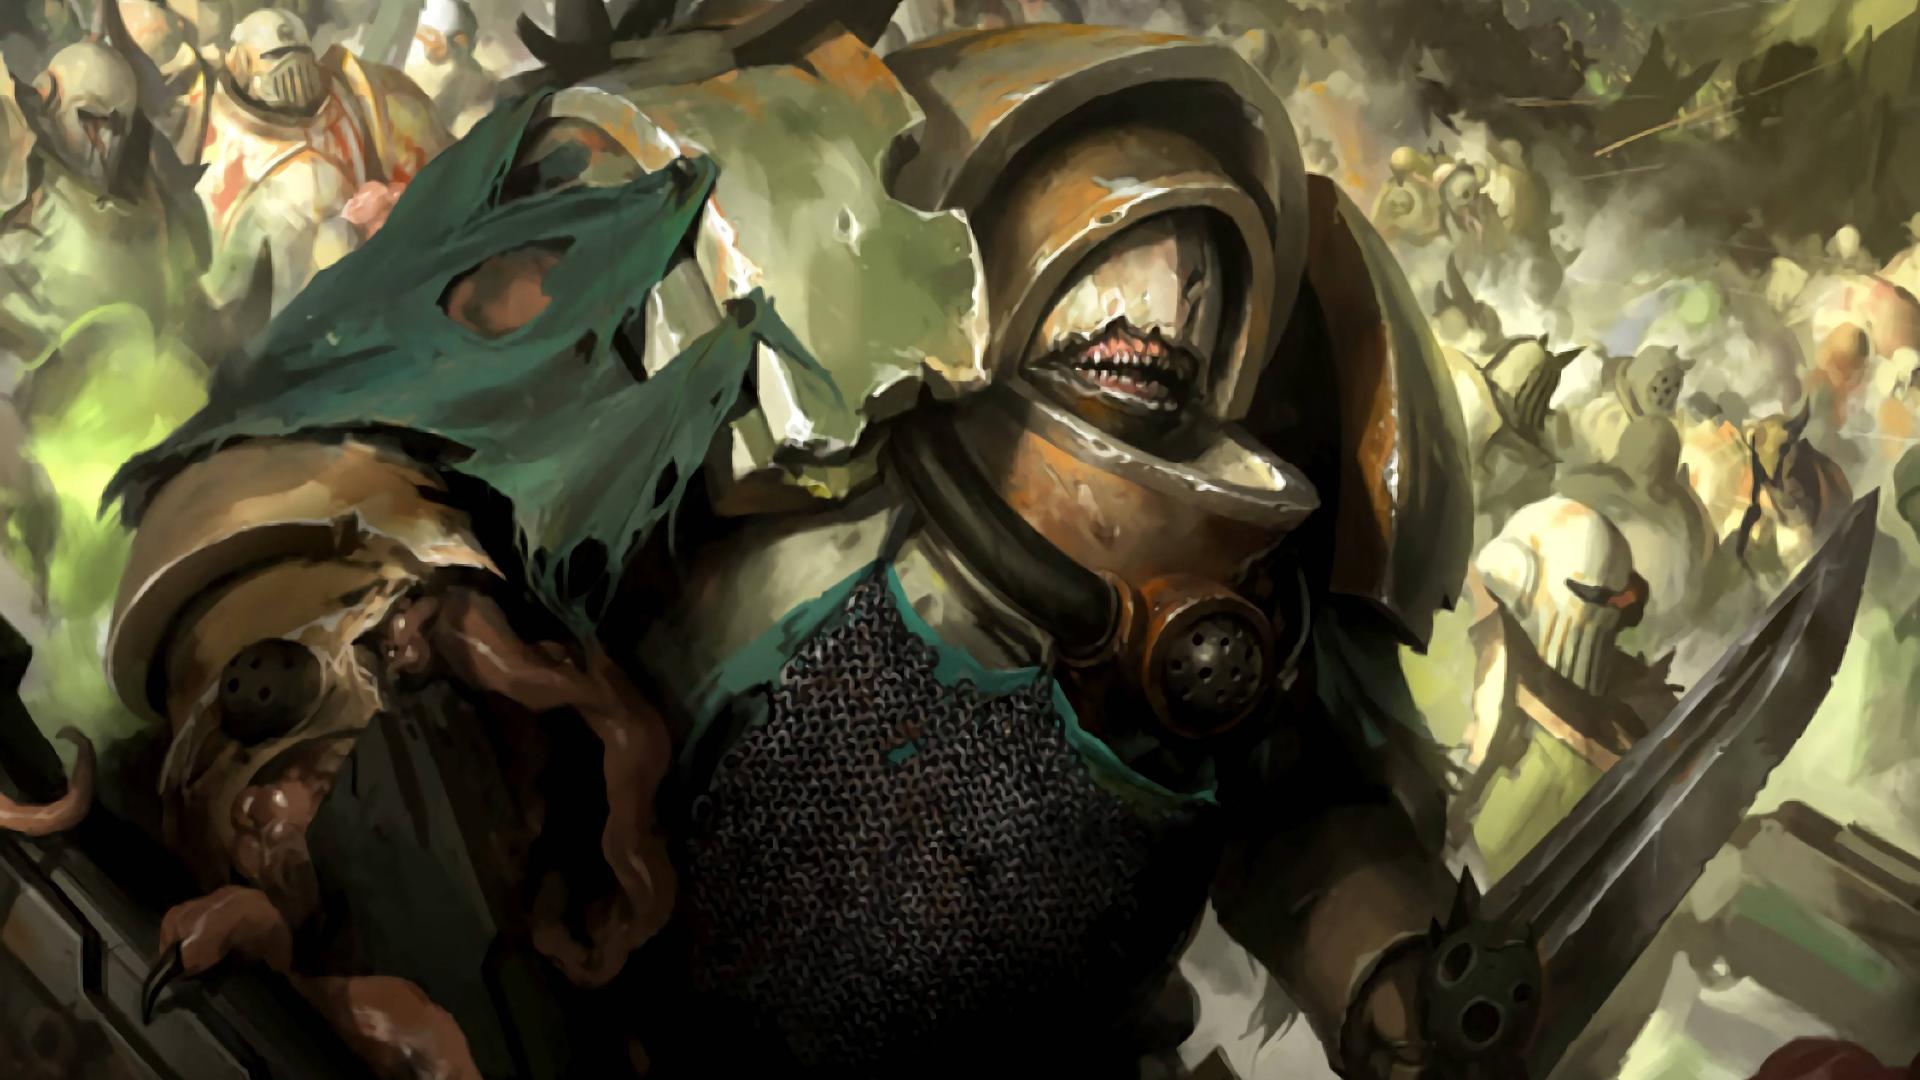 【战锤百科】与盔甲融合到一起的死亡守卫精英们